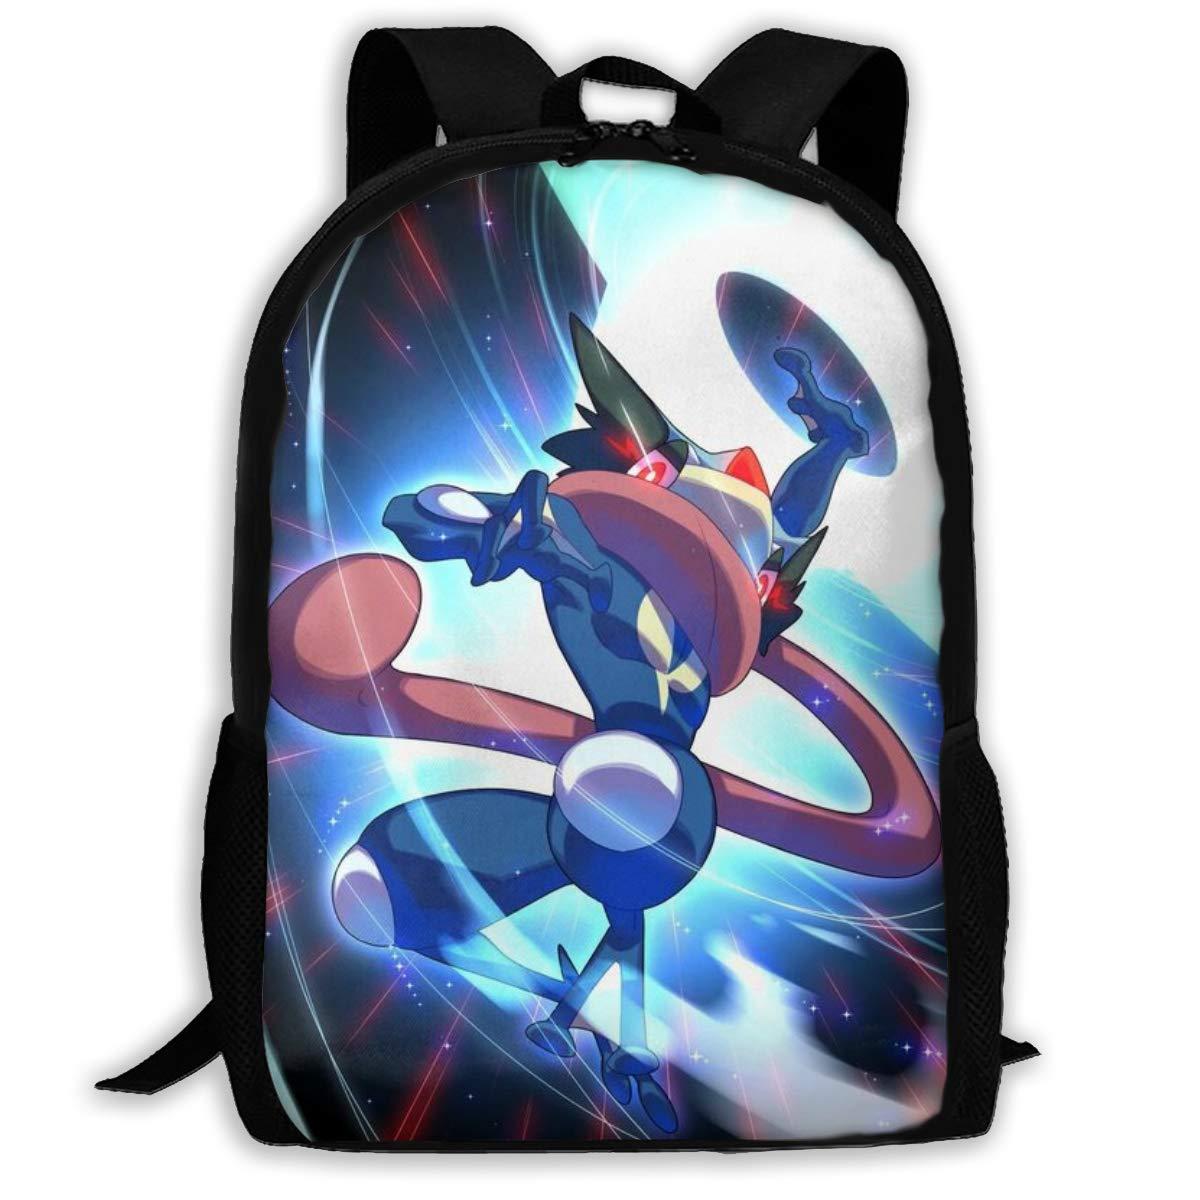 Amazon.com: Rnlika Gre-Ninja Kids School Backpack Durable ...